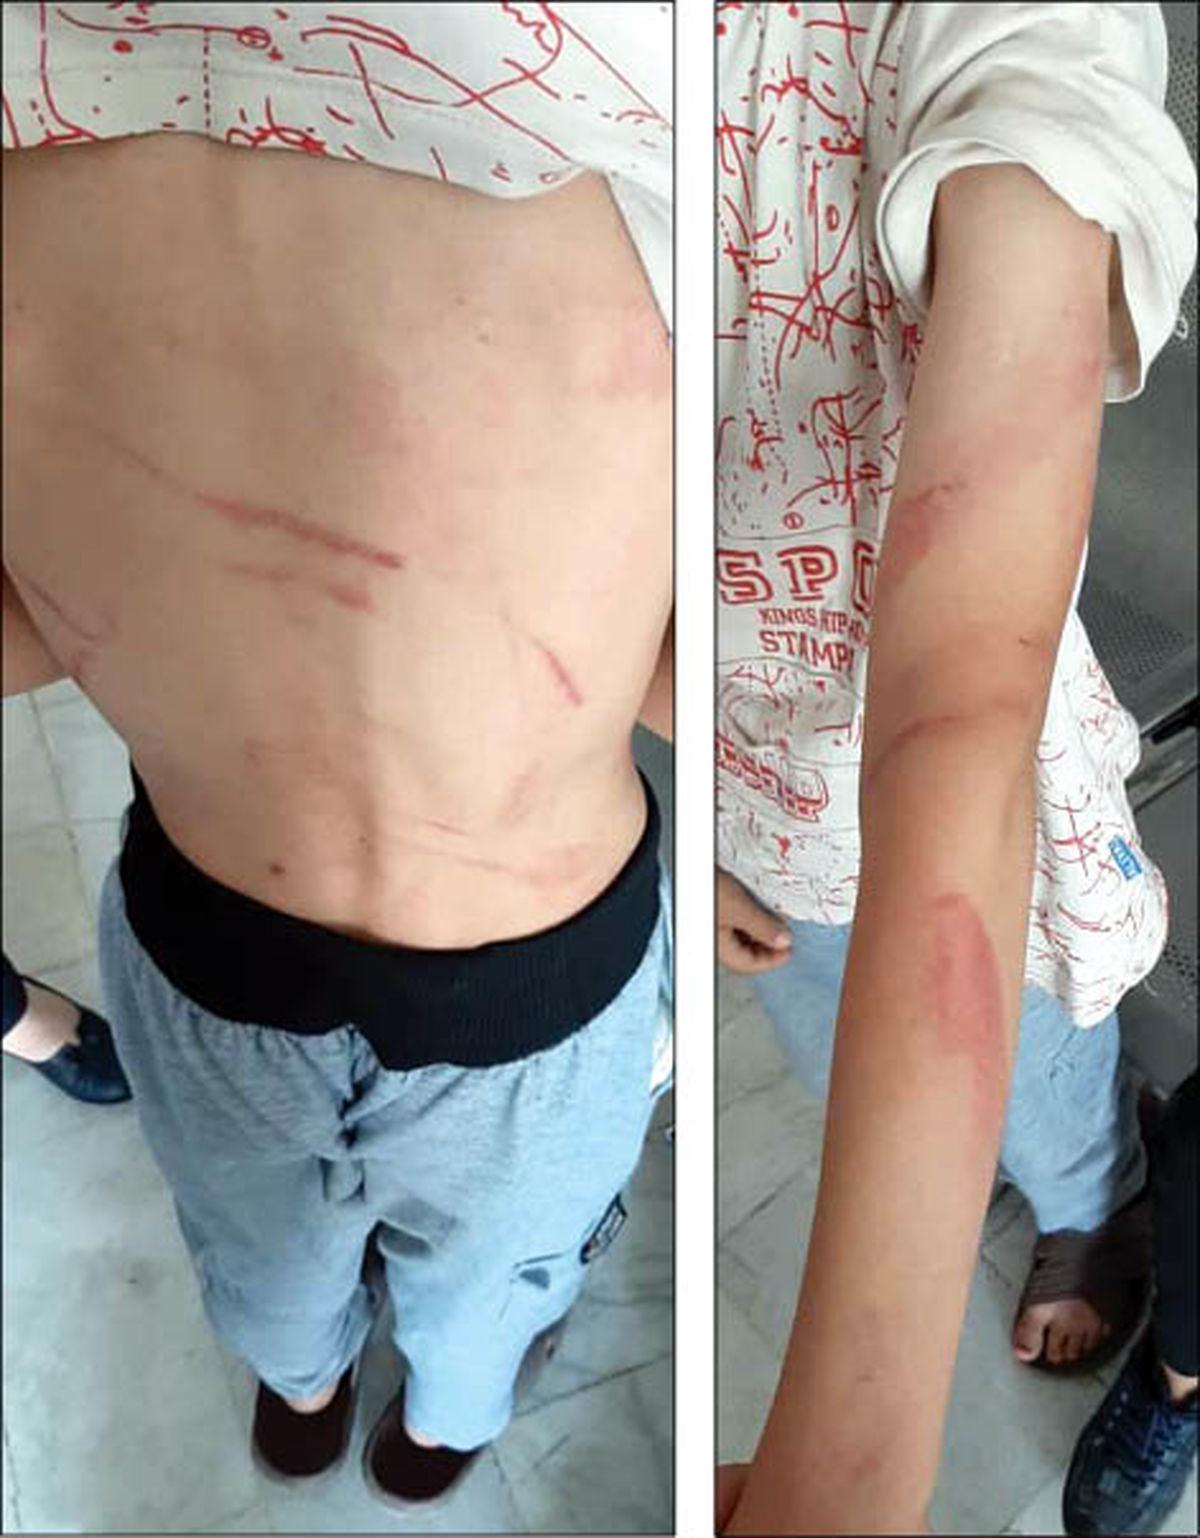 دستبرد کودکان راز کودک آزاری های هولناک را فاش کرد+عکس تکاندهنده